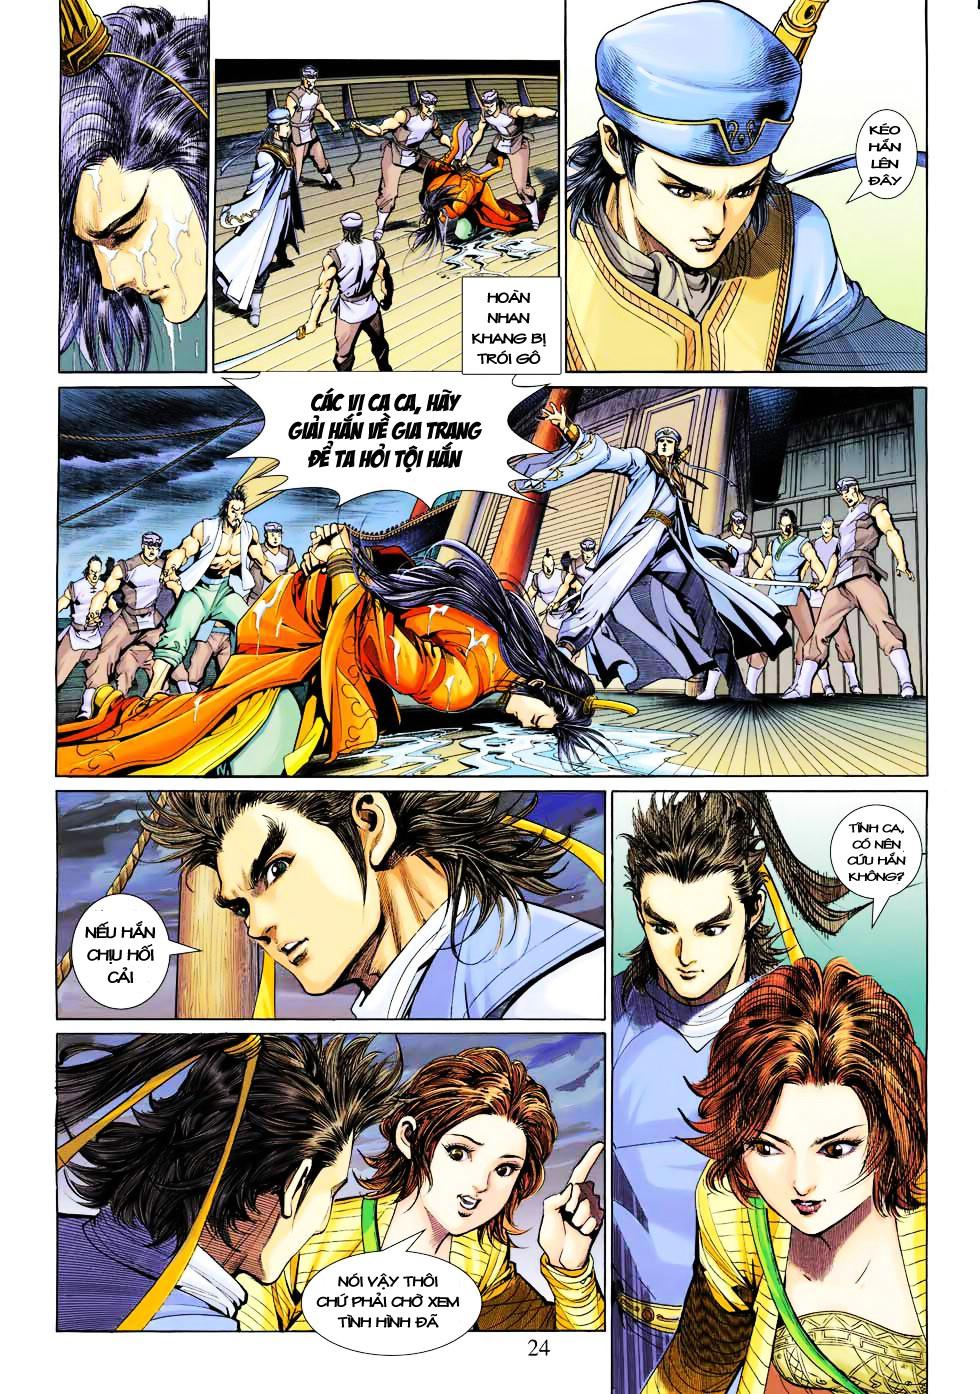 Anh Hùng Xạ Điêu anh hùng xạ đêu chap 27 trang 24